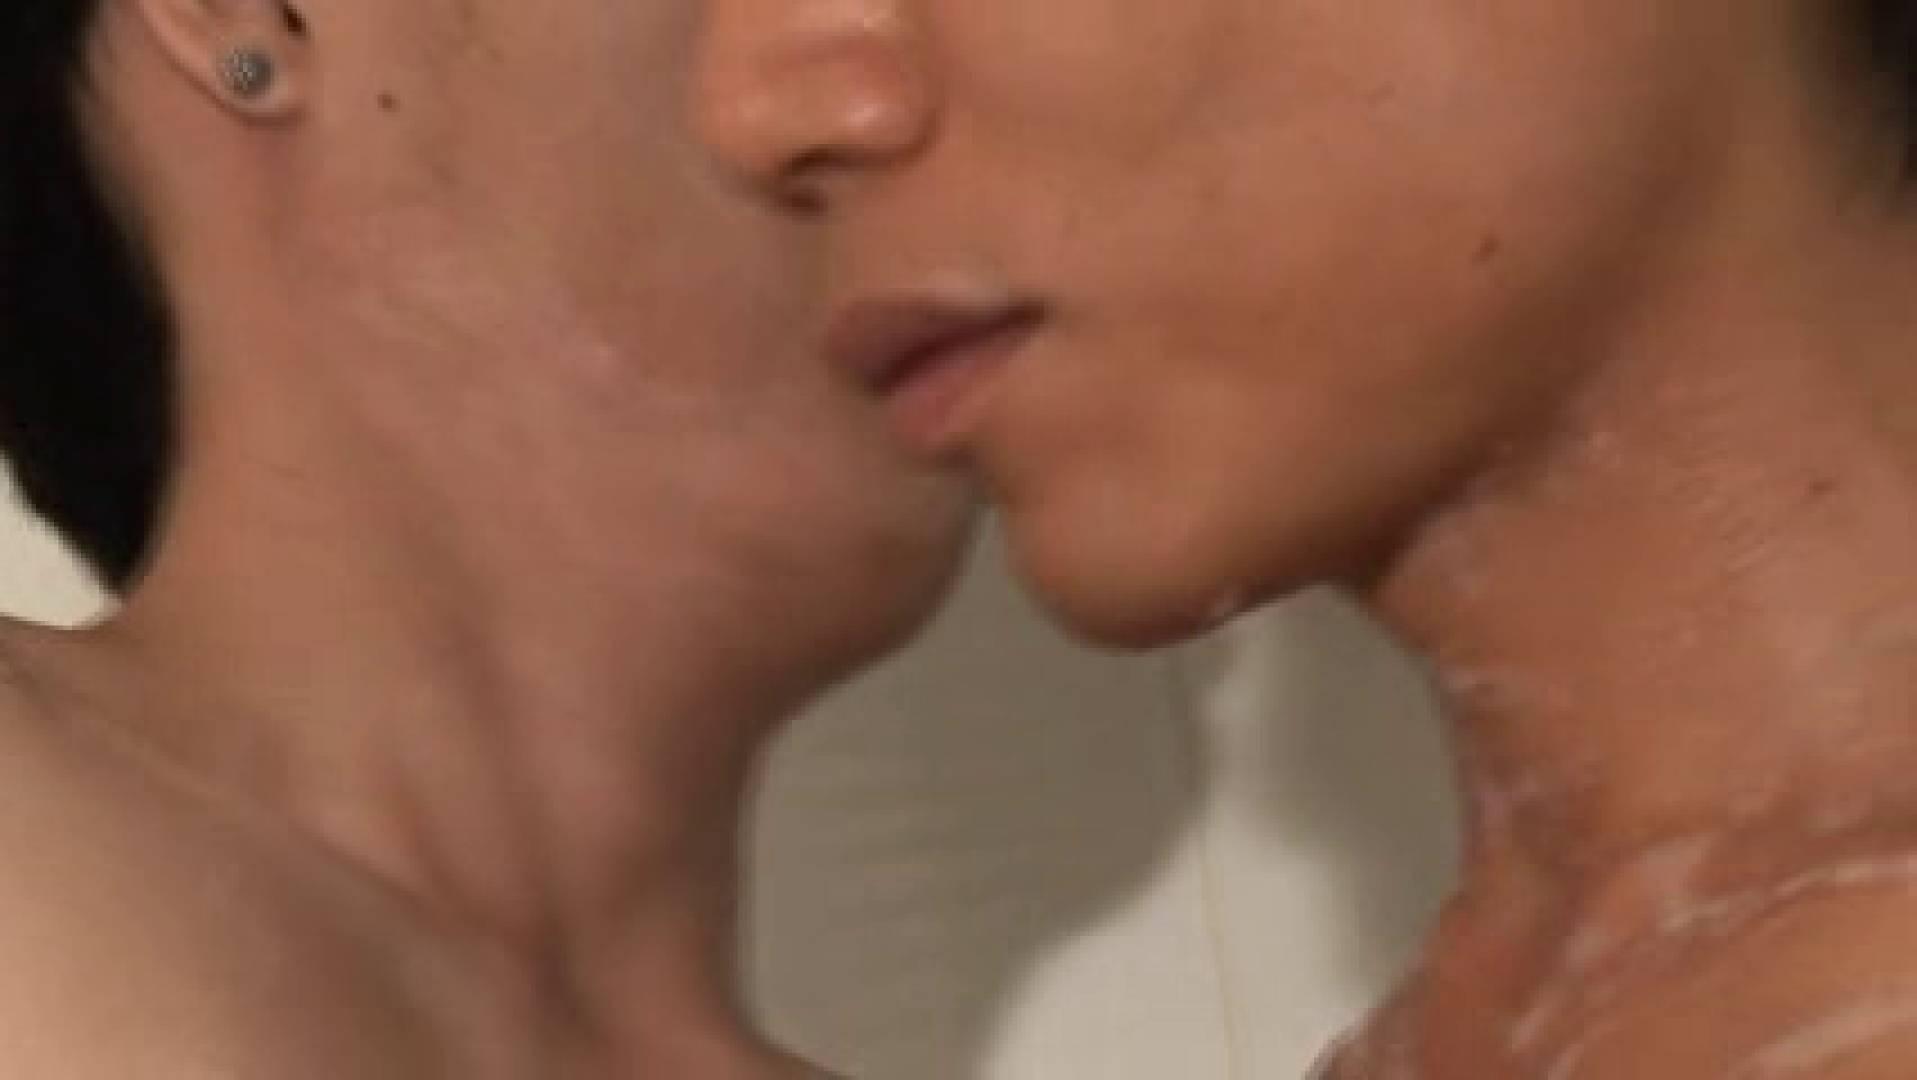 雄穴堀MAX!!vol.02 イケメンたち ゲイ無修正ビデオ画像 108pic 16